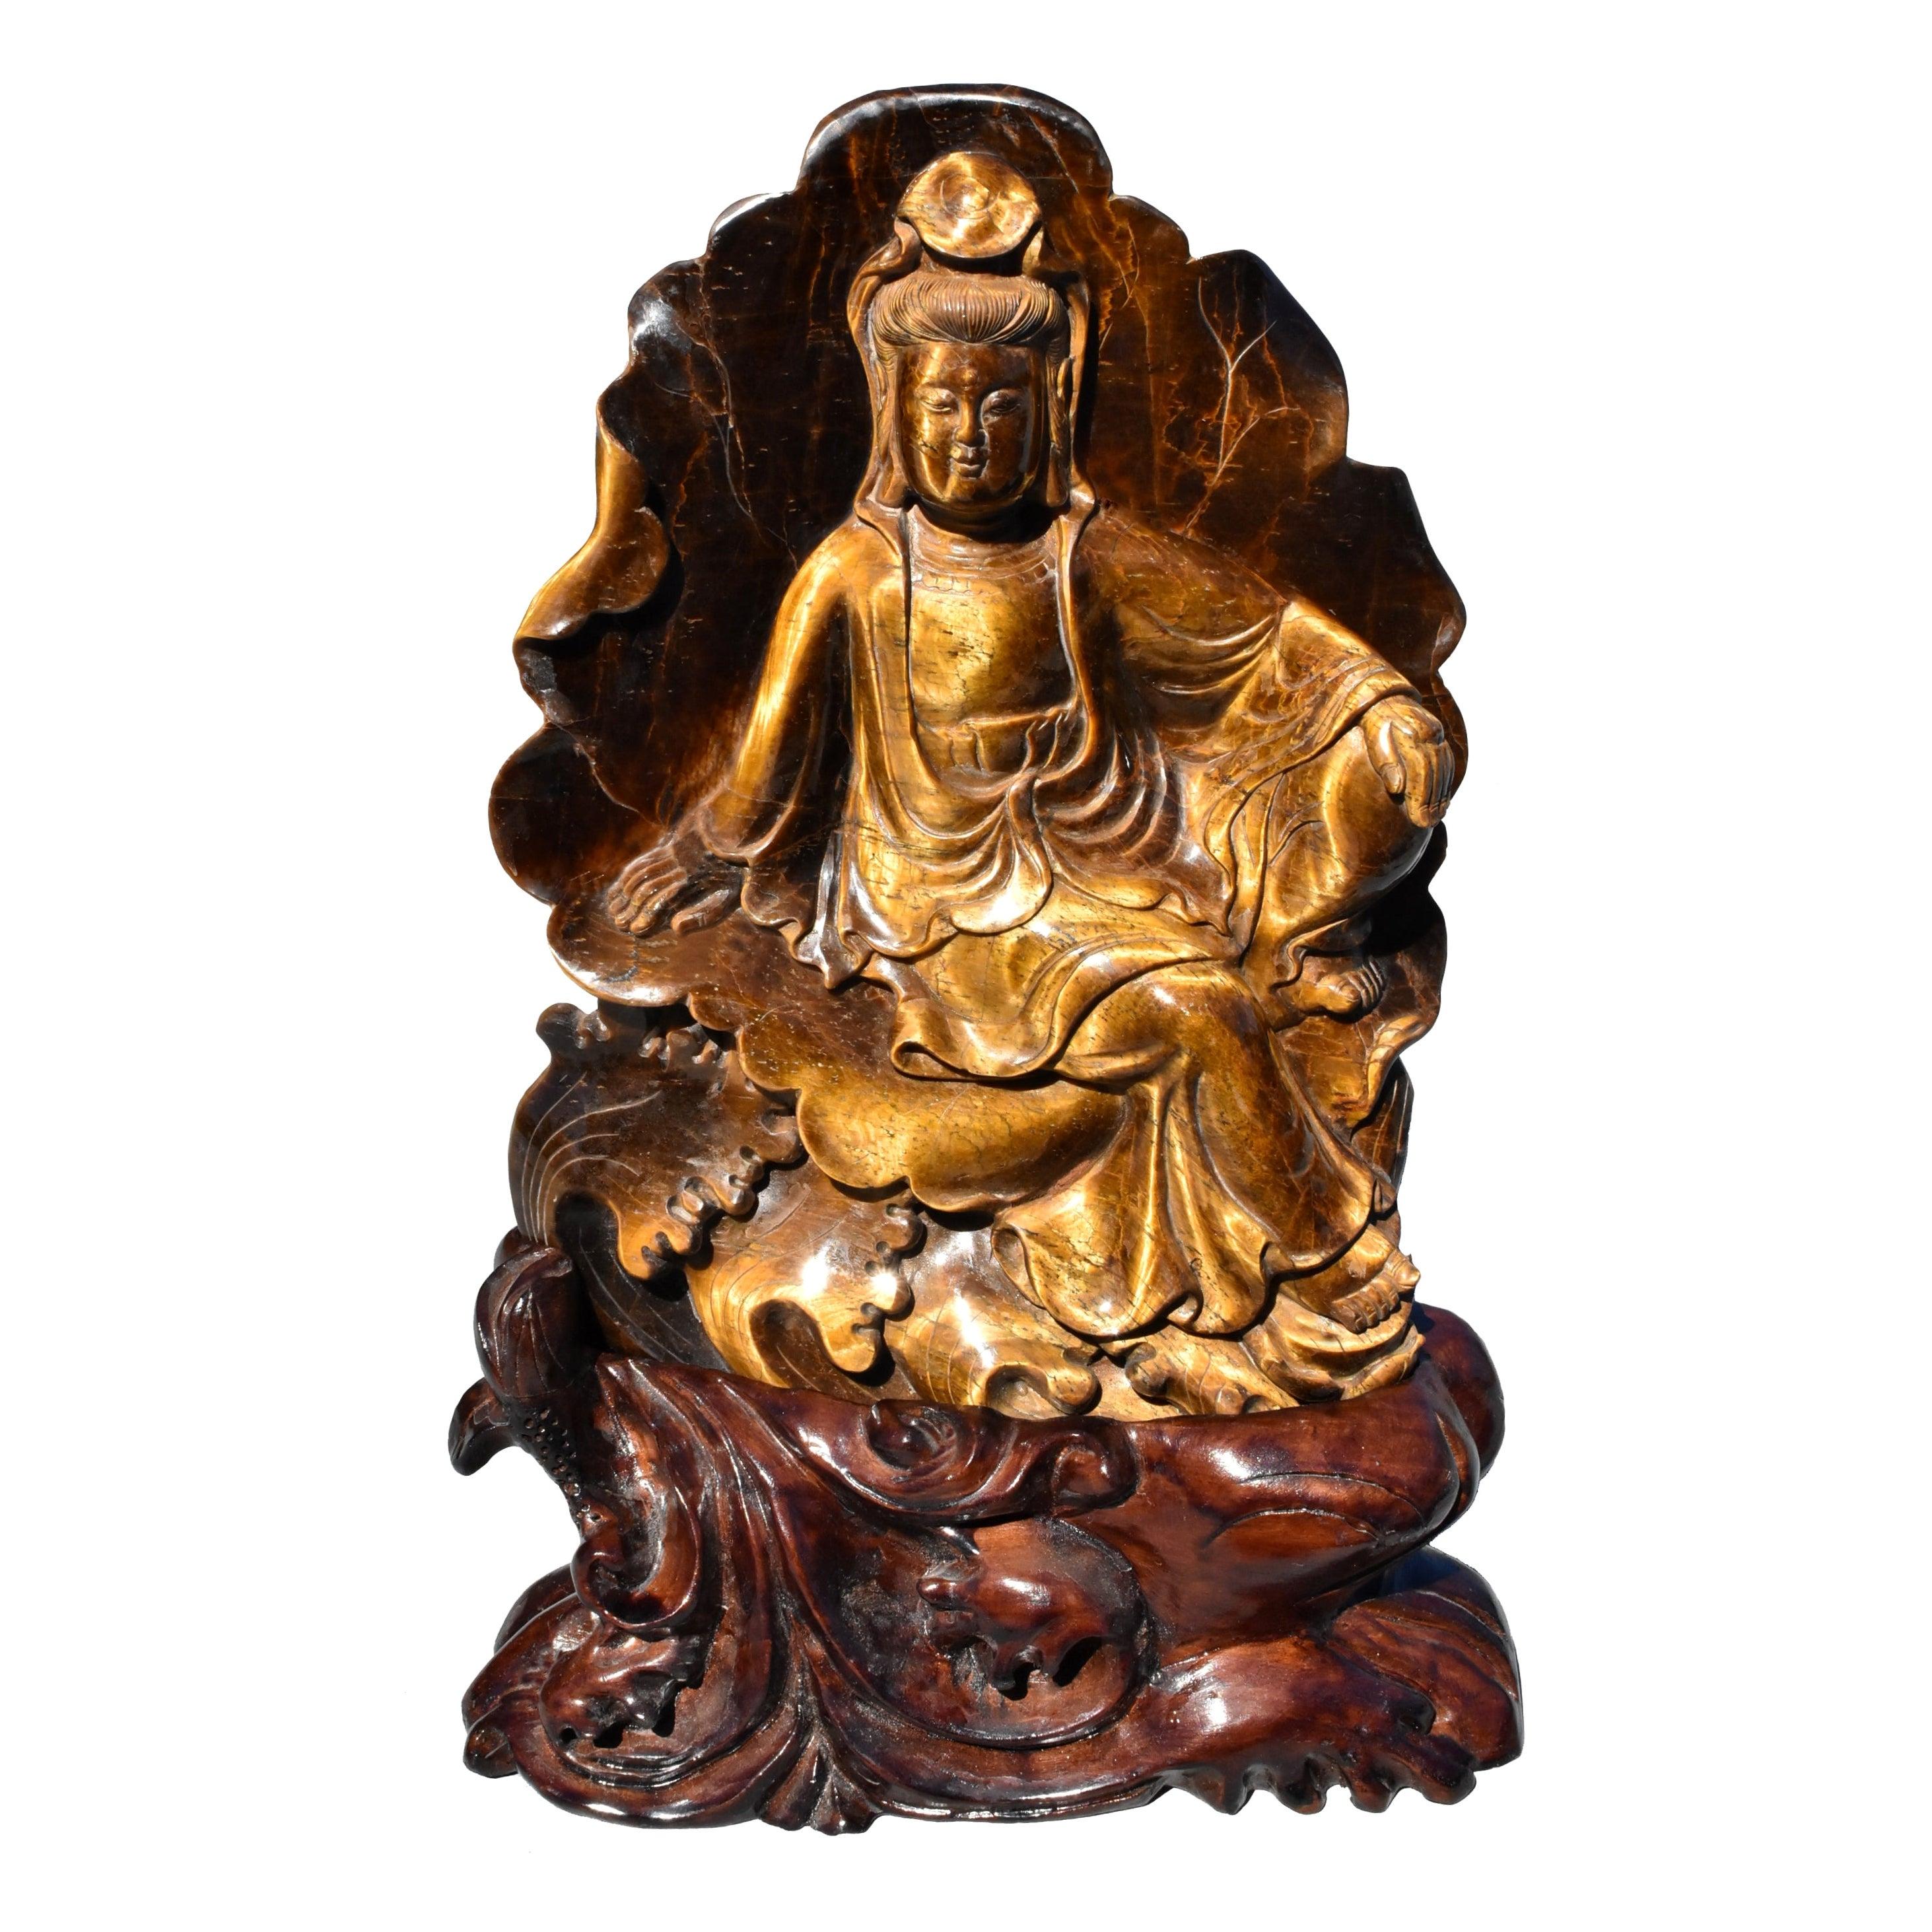 Tiger's Eye Water Moon Guan Yin Avalokiteshvara Buddha Statue